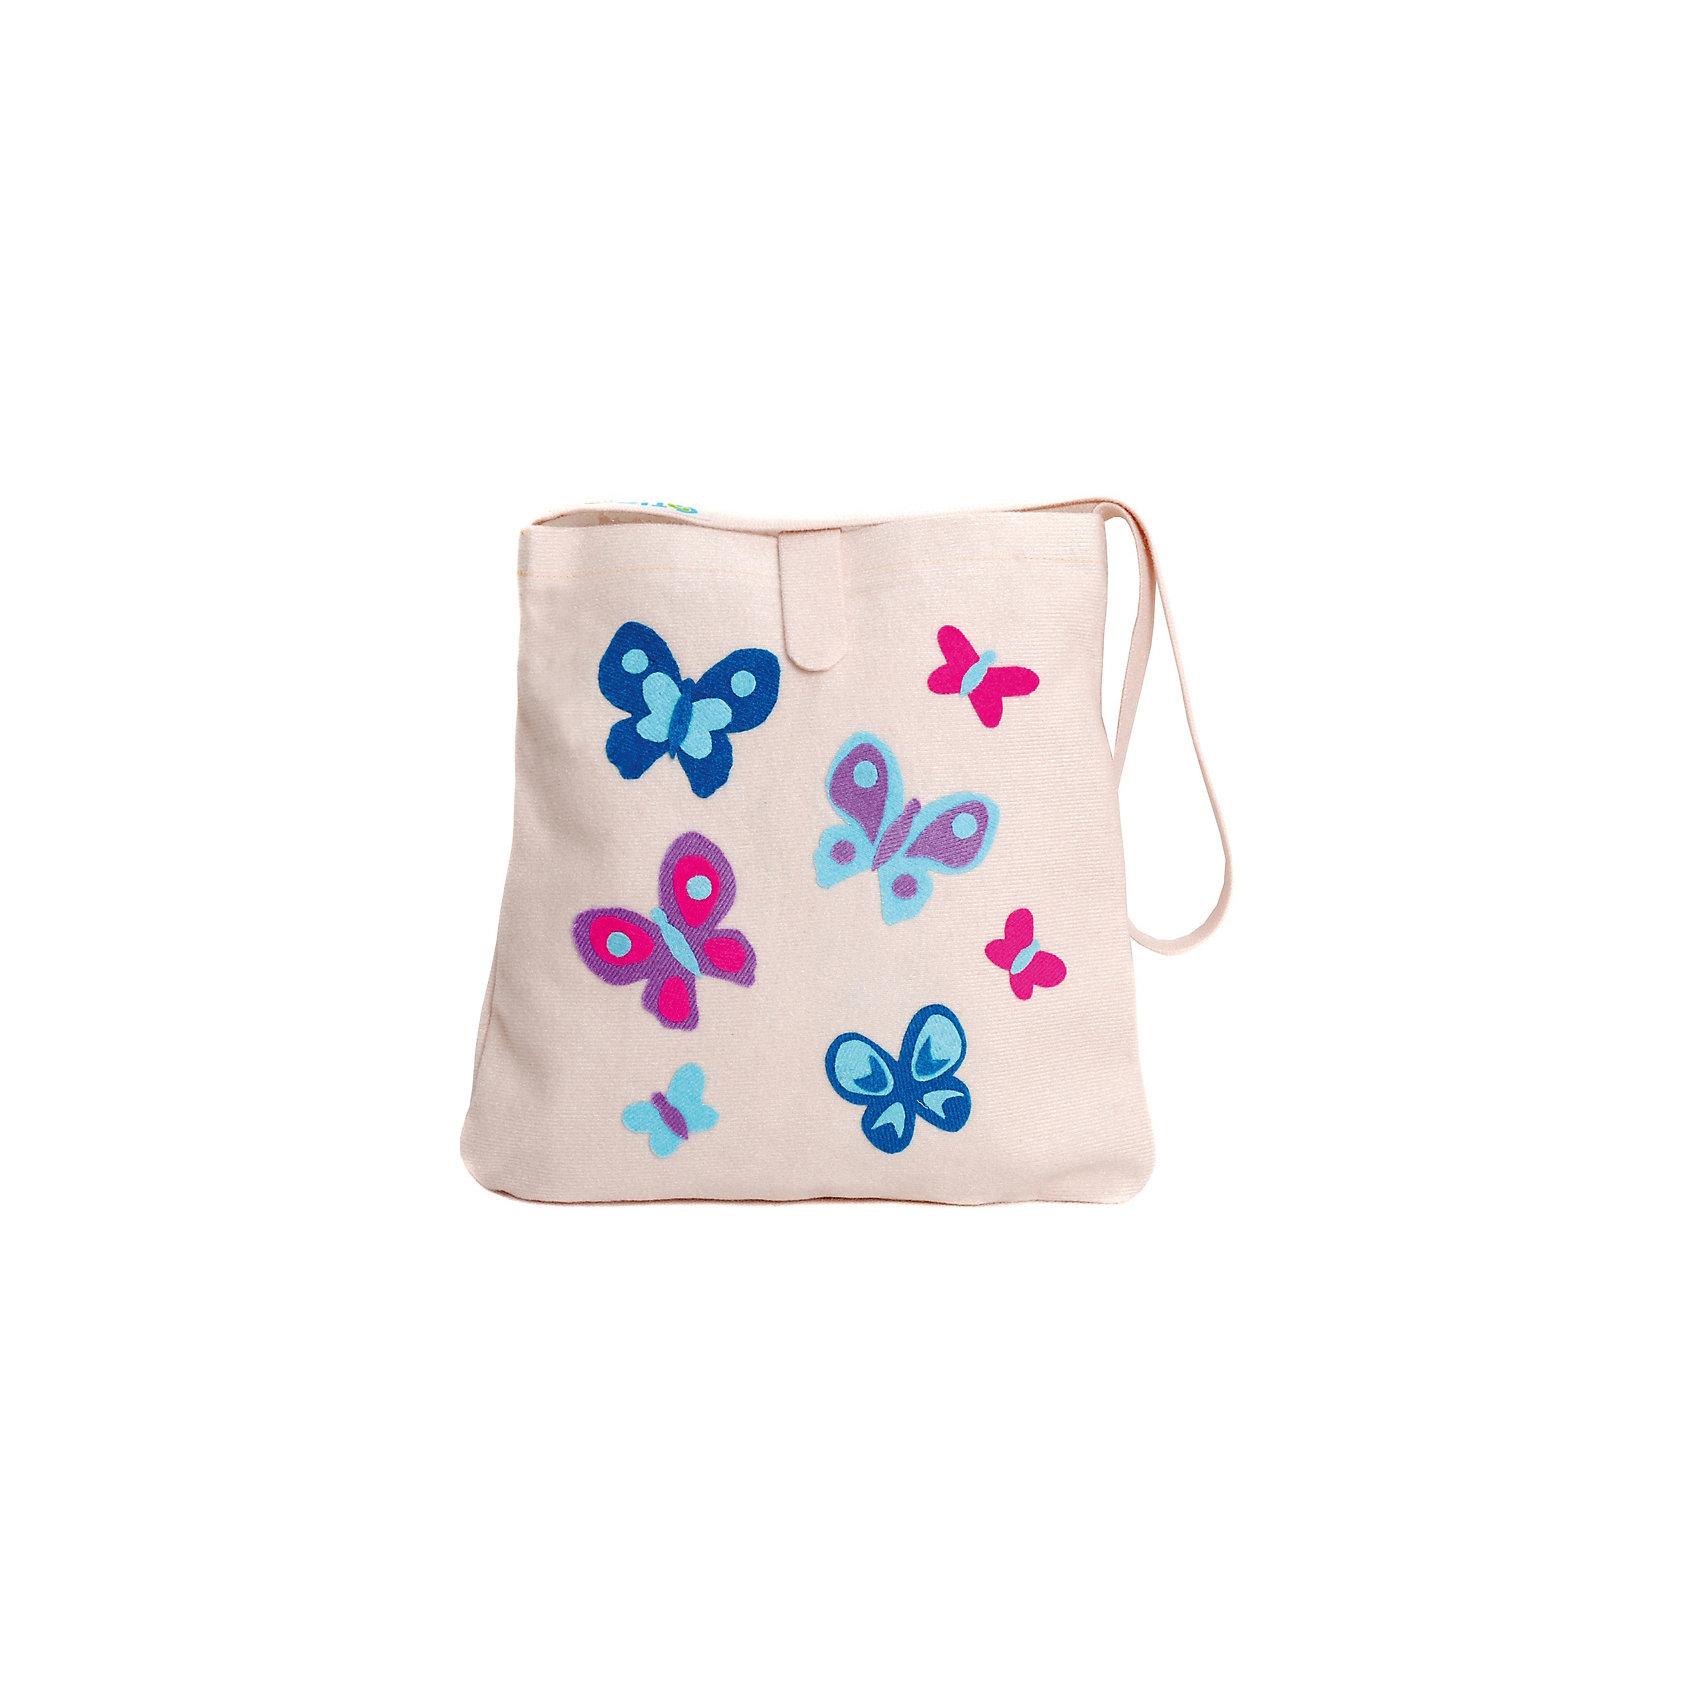 Стигис-аппликация Сумка детская, молочнаяРукоделие<br>Если девочка давно мечтает о красивой сумке с оригинальной аппликацией, то ей обязательно понравится набор для стигис-аппликации на сумке. Ребенок сможет самостоятельно придумать дизайн и воссоздать его на сумочке при помощи ткани с термоклеевым слоем. Достаточно вырезать нужные элементы, выложить их на сумку и прогладить утюгом - красивая и практичная сумочка готова! В случае ошибки ткань можно снова прогладить утюгом, и она отклеится. Такой вид детского творчество хорошо развивает аккуратность, воображение и дизайнерские способности. Отличный подарок для юных рукодельниц!<br><br>Дополнительная информация: <br>В комплекте: сумка, кусочки stigis-ткани, выкройки, инструкция<br>Цвет: молочный<br>Размер: 3,5х27х20 см<br>Вес: 110 грамм<br>Набор для стигис-аппликации можно купить в нашем интернет-магазине.<br><br>Ширина мм: 200<br>Глубина мм: 270<br>Высота мм: 35<br>Вес г: 110<br>Возраст от месяцев: 60<br>Возраст до месяцев: 120<br>Пол: Унисекс<br>Возраст: Детский<br>SKU: 4939427